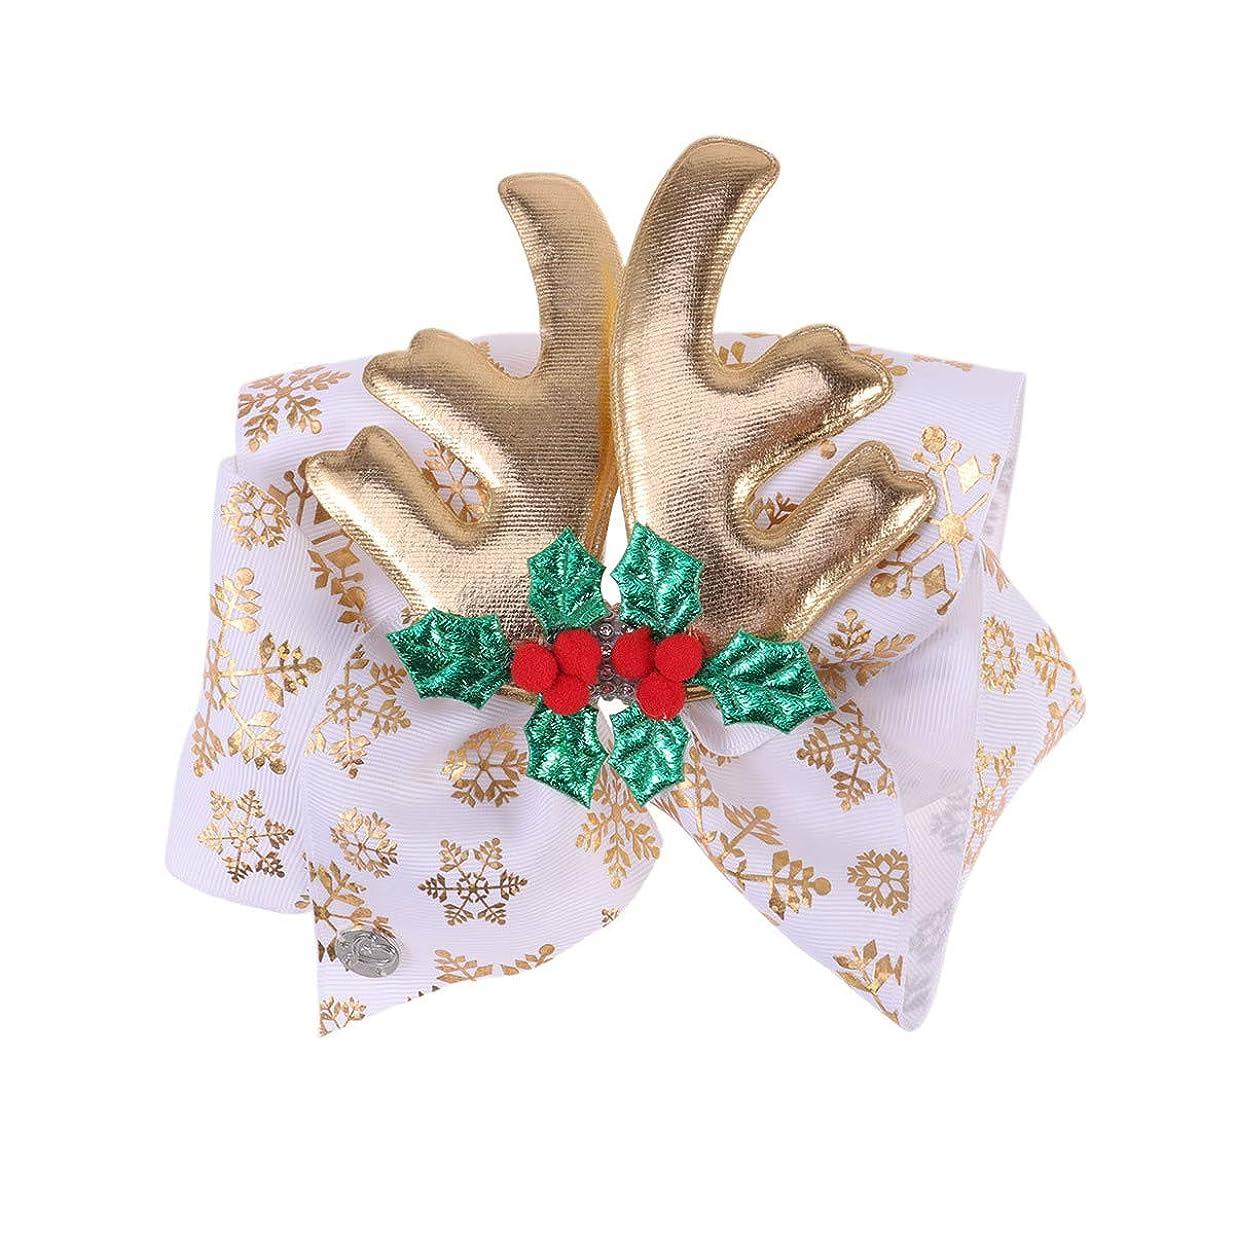 懲戒全部エントリLurrose クリスマスの弓のヘアクリップ枝角ヘアピンクリスマスの日の子供の子供のためのダイヤモンドヘアアクセサリー